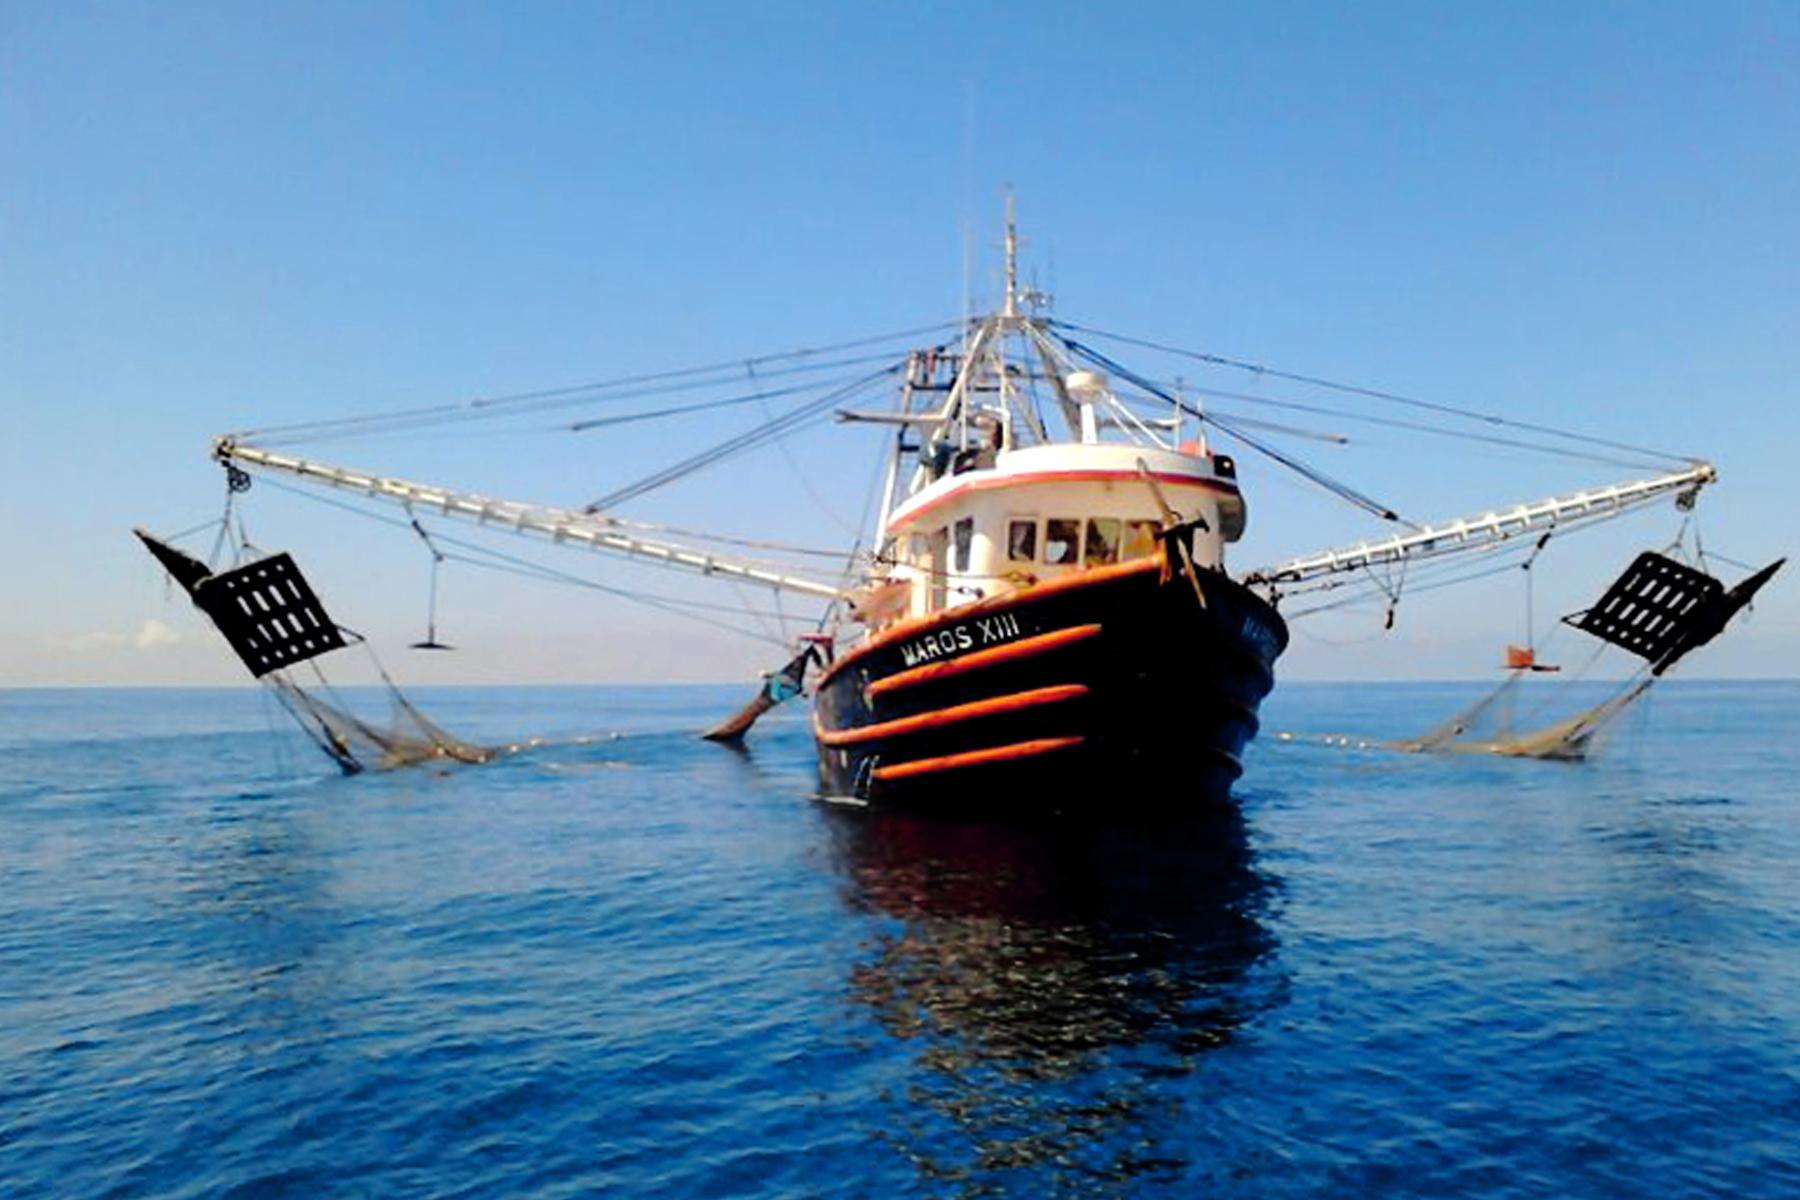 barco_camaronero.jpg